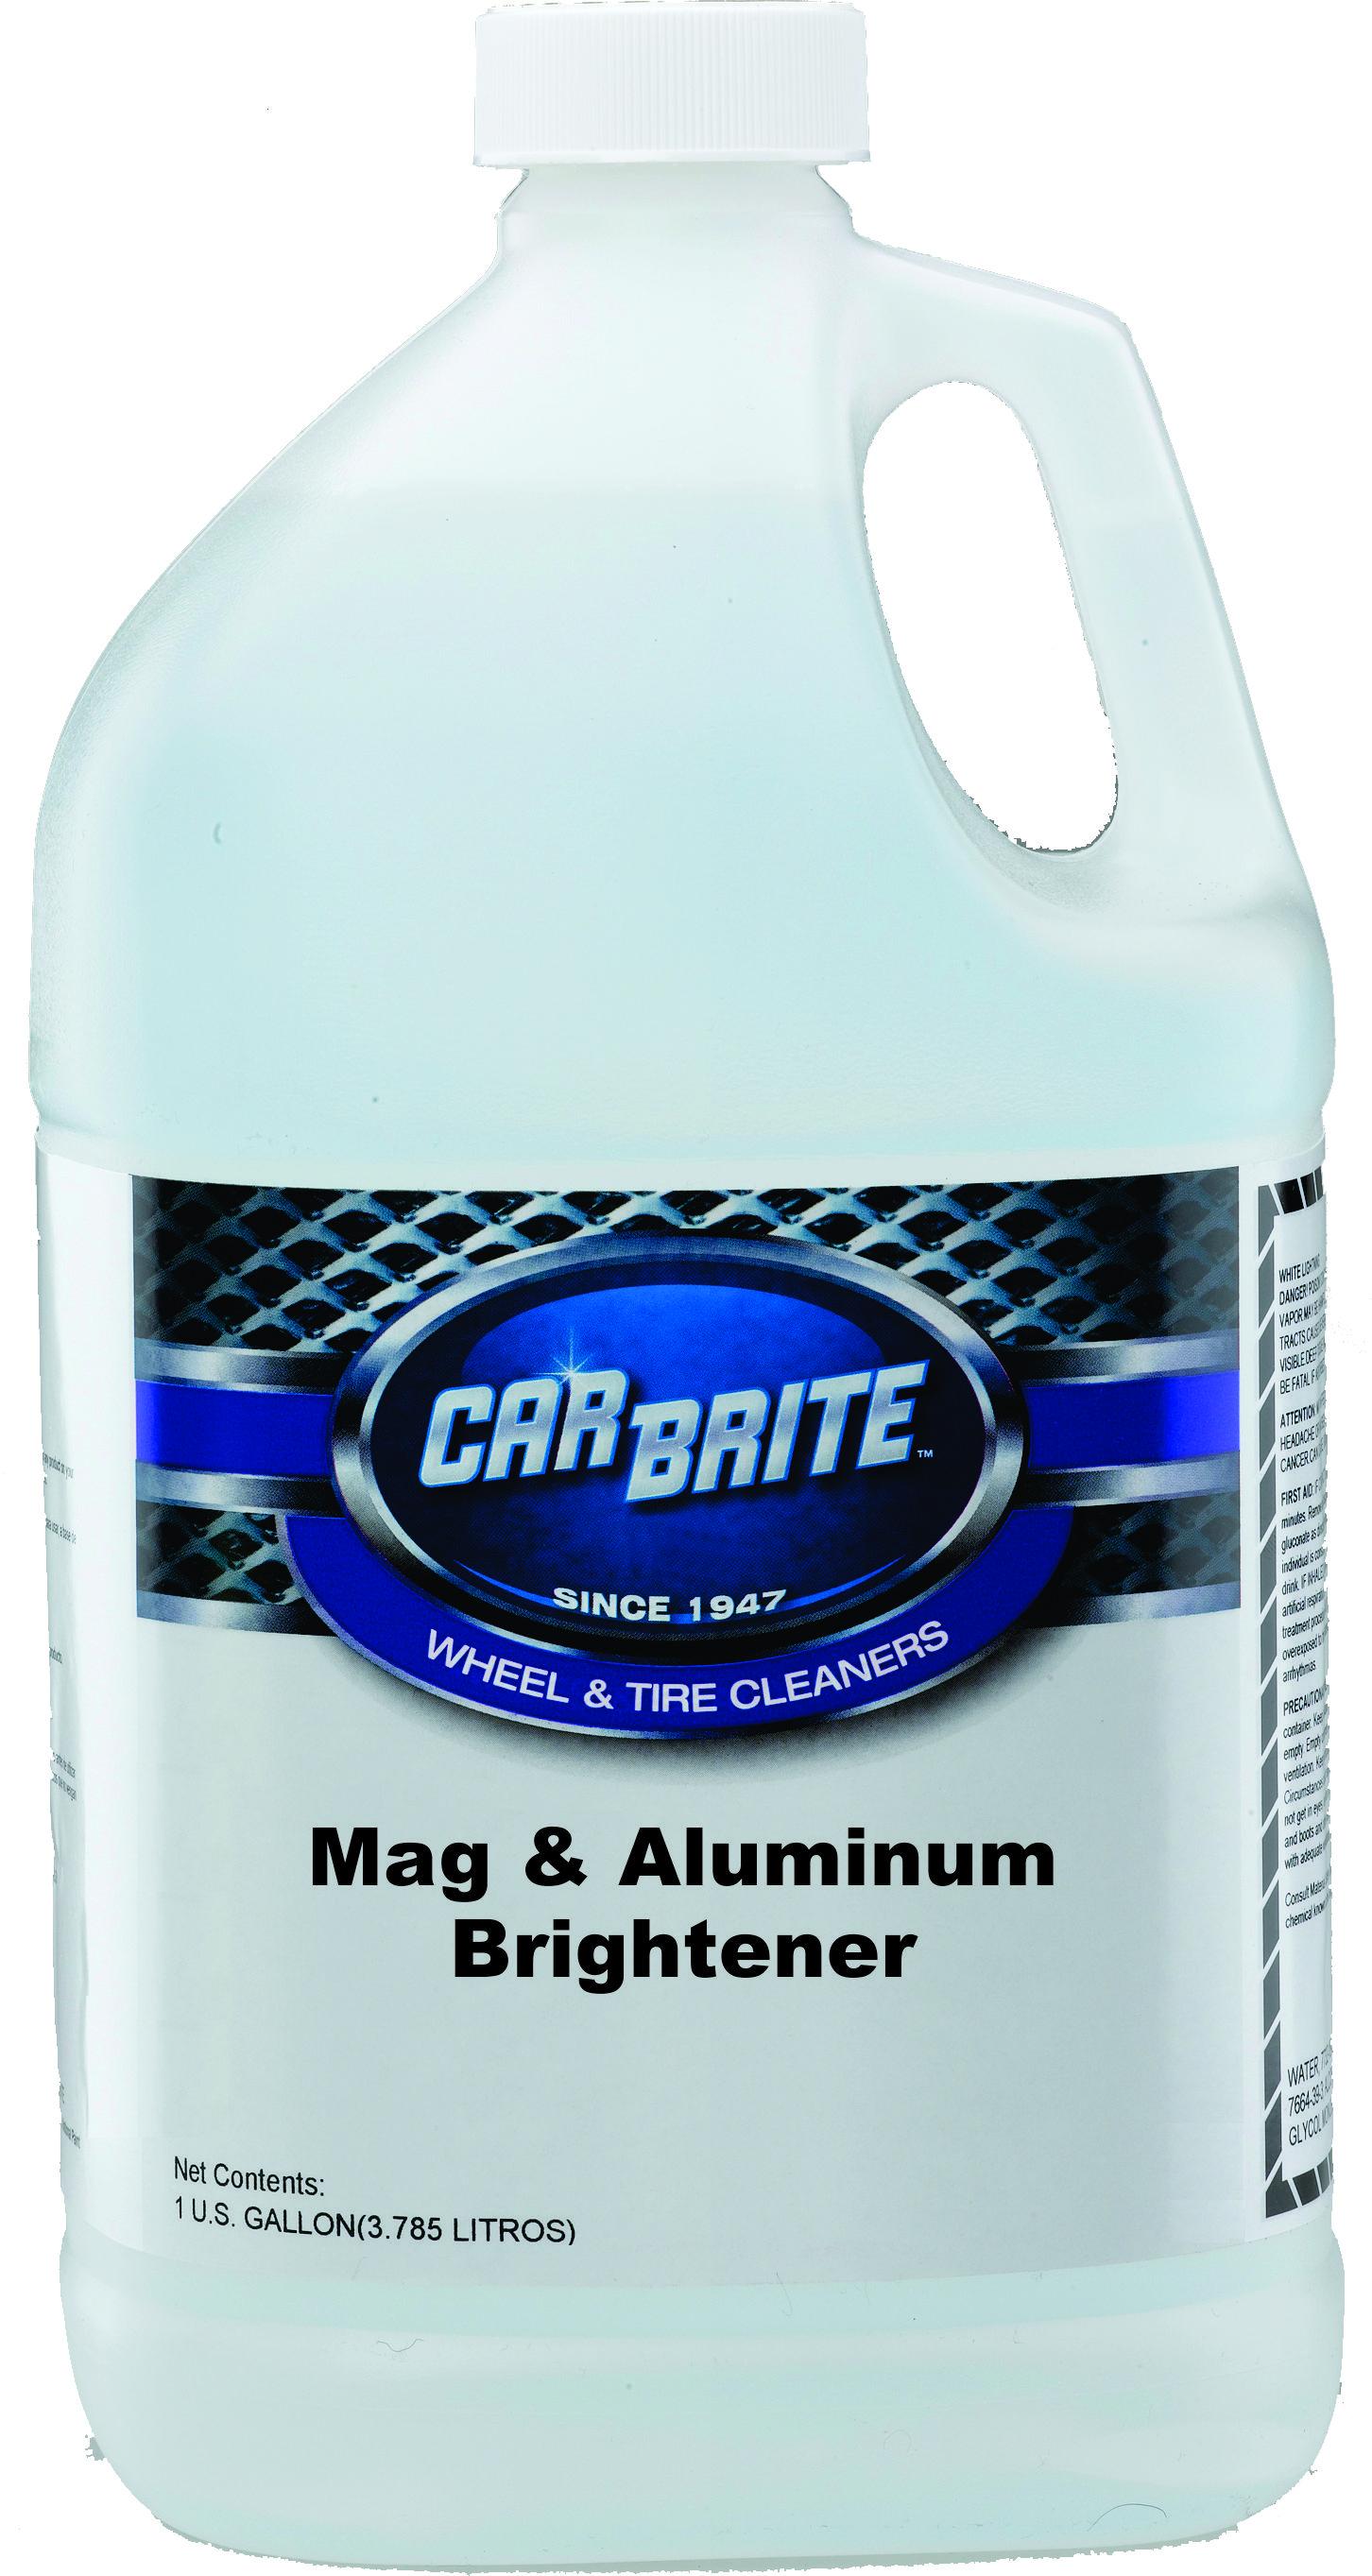 Mag & Aluminum Brightener